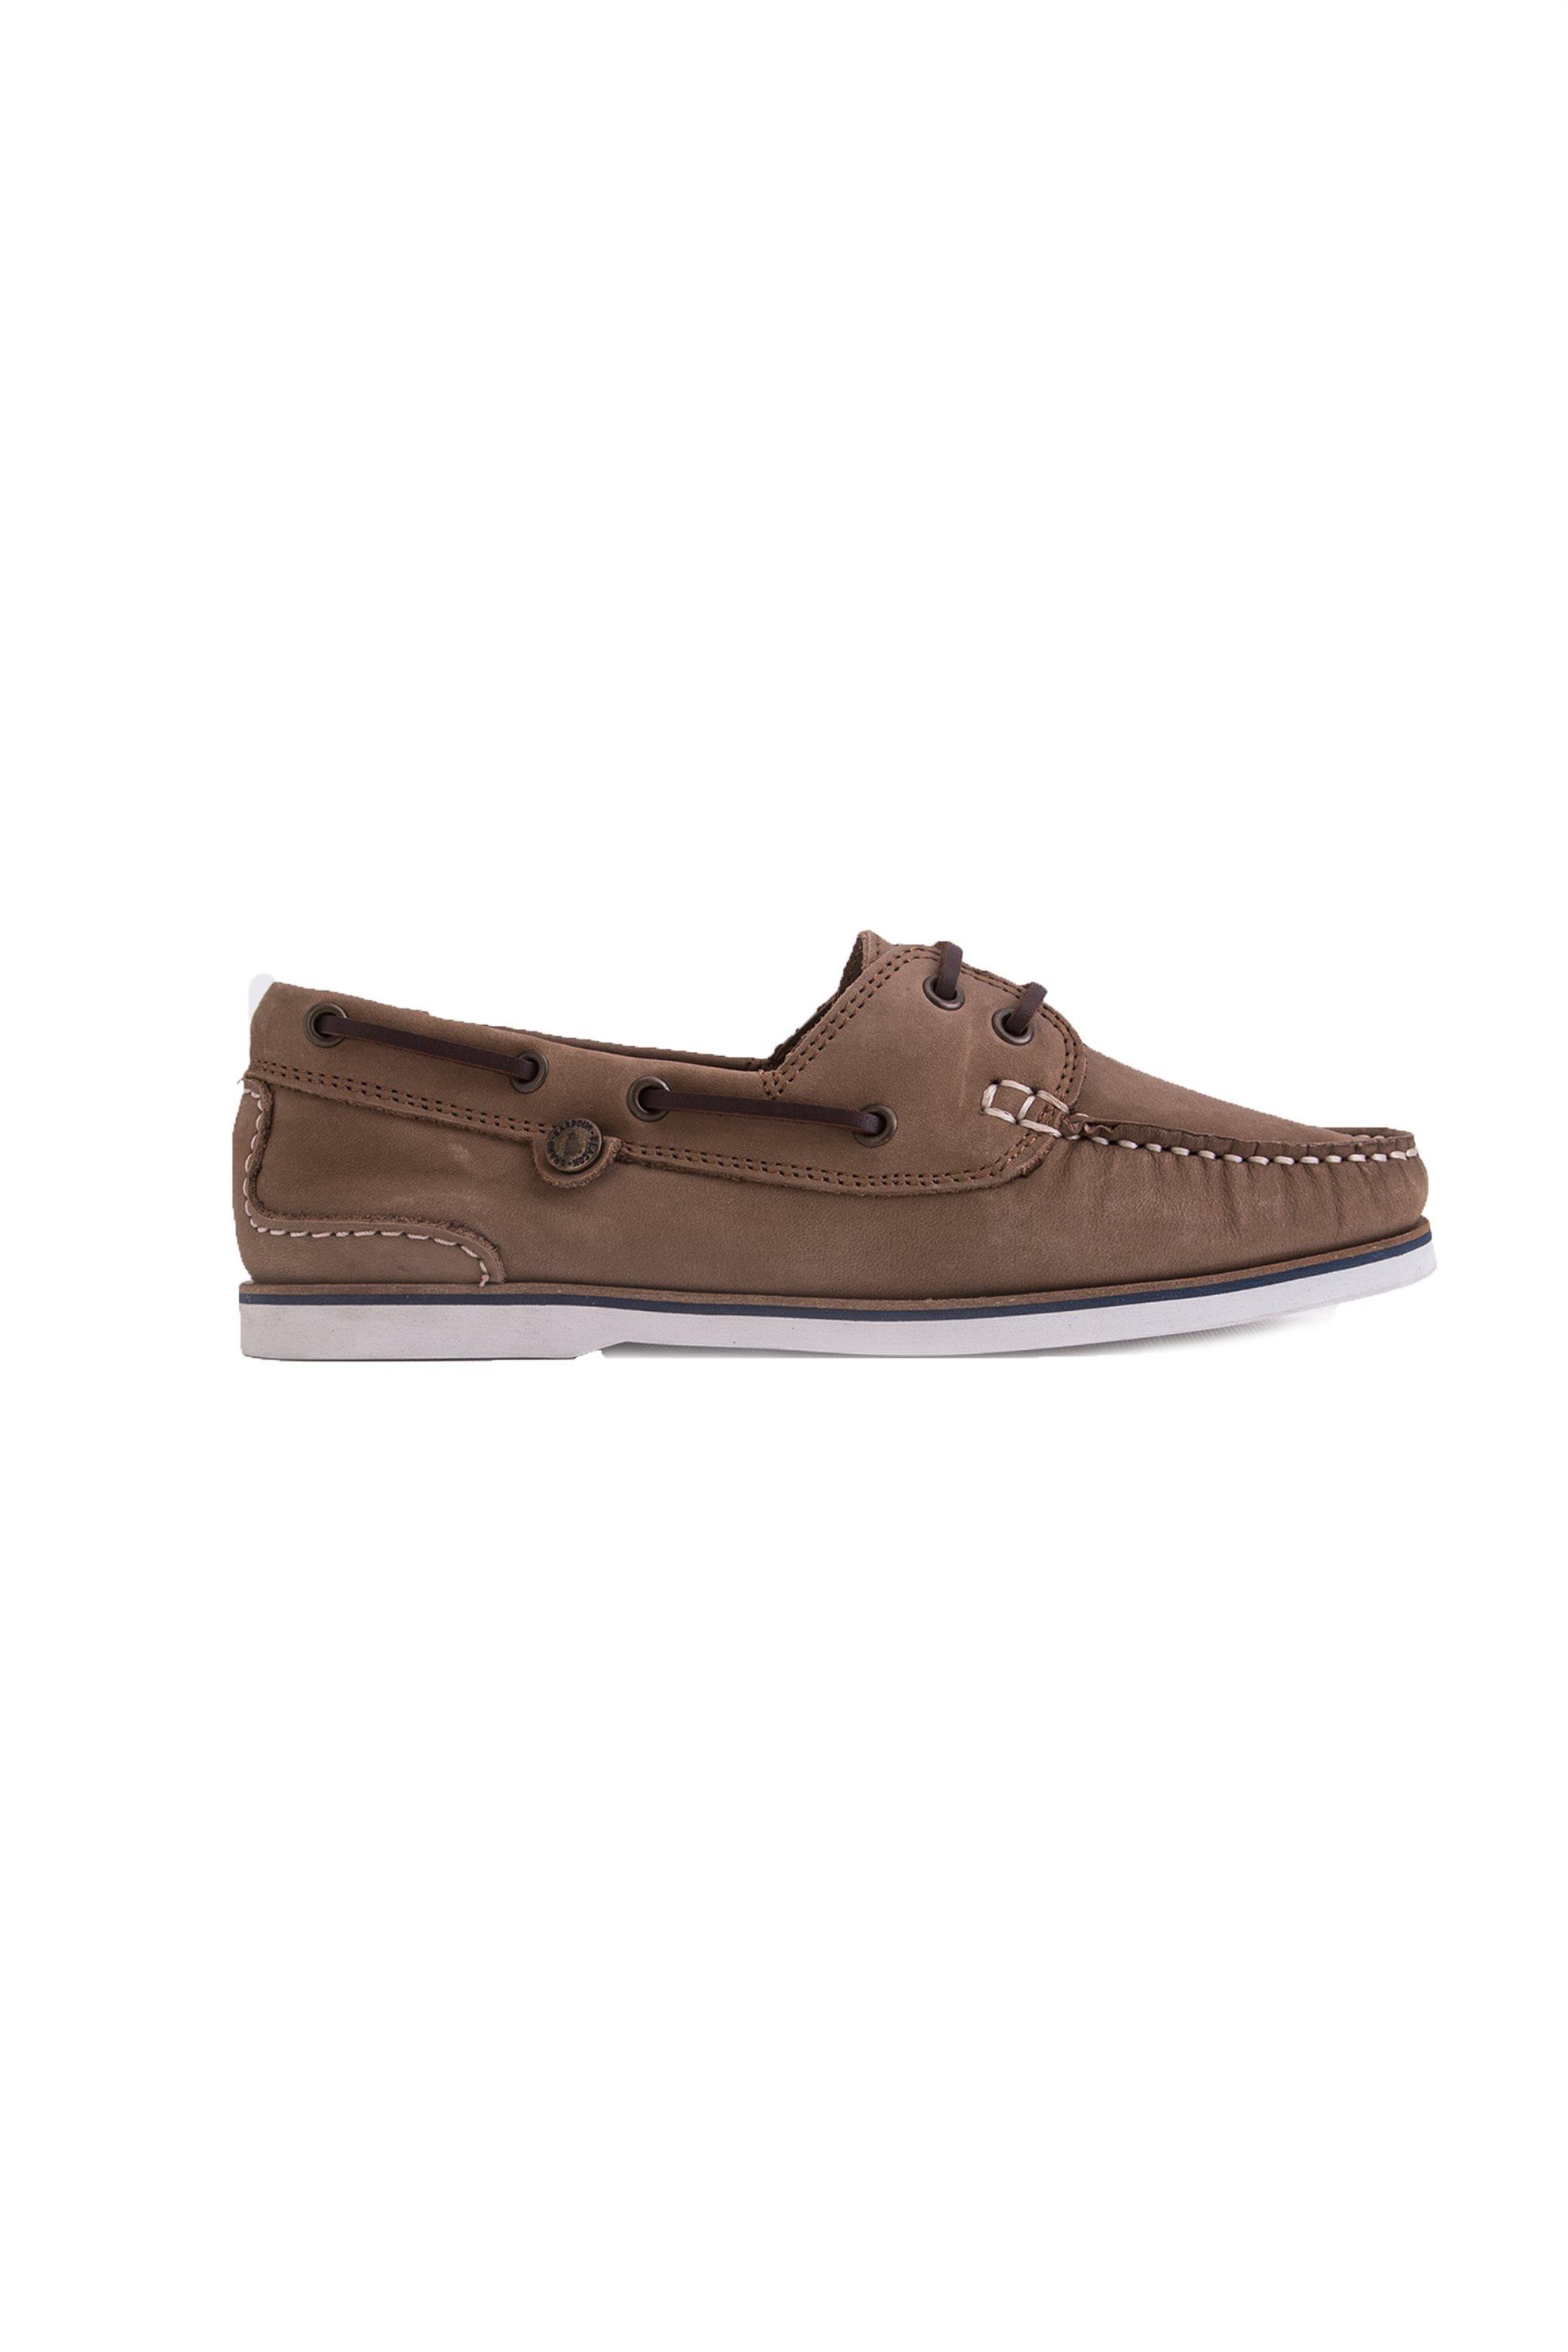 Barbour γυναικεία boat shoes - LFO0175 - Καφέ